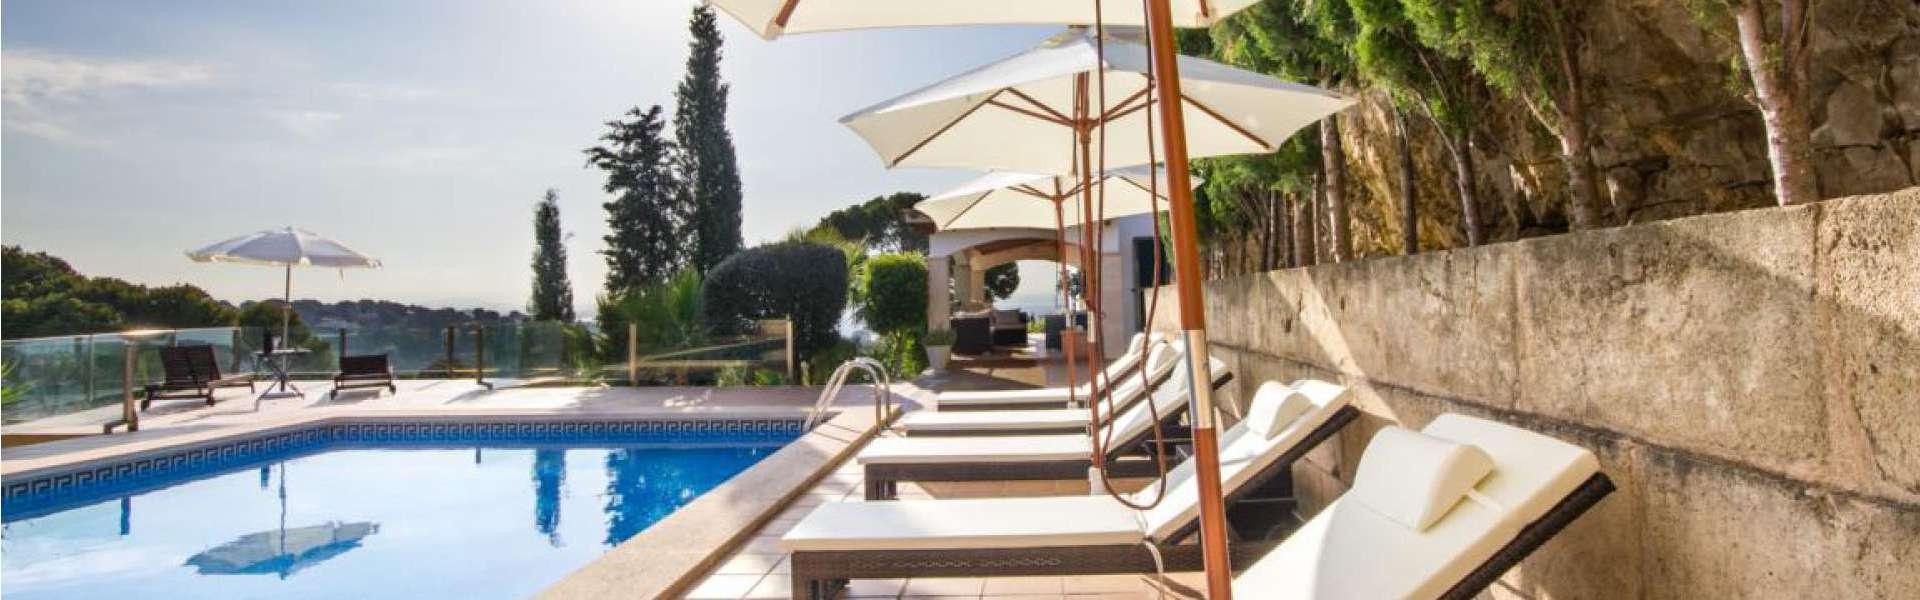 Bendinat - villa de lujo con vistas a la bahía de Palma